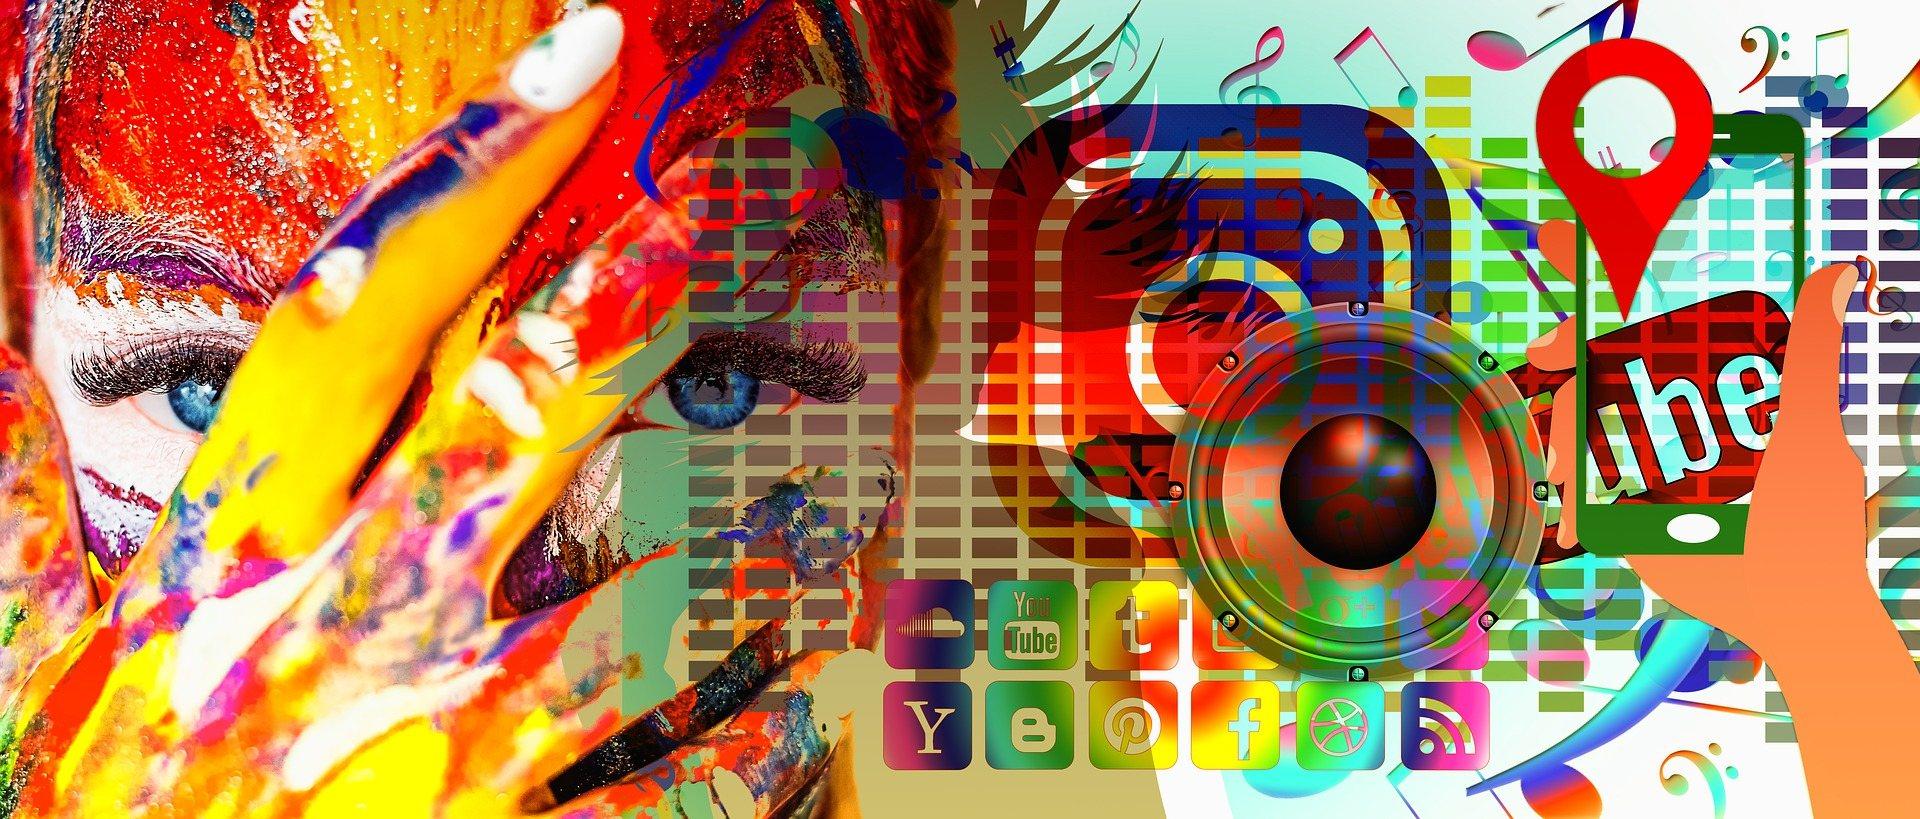 """Būkime budrūs, uždėkime filtrą keldami informaciją ir saugokimės internetinių """"filtro burbulų""""! Socialinių tinklų keliamos rizikos"""